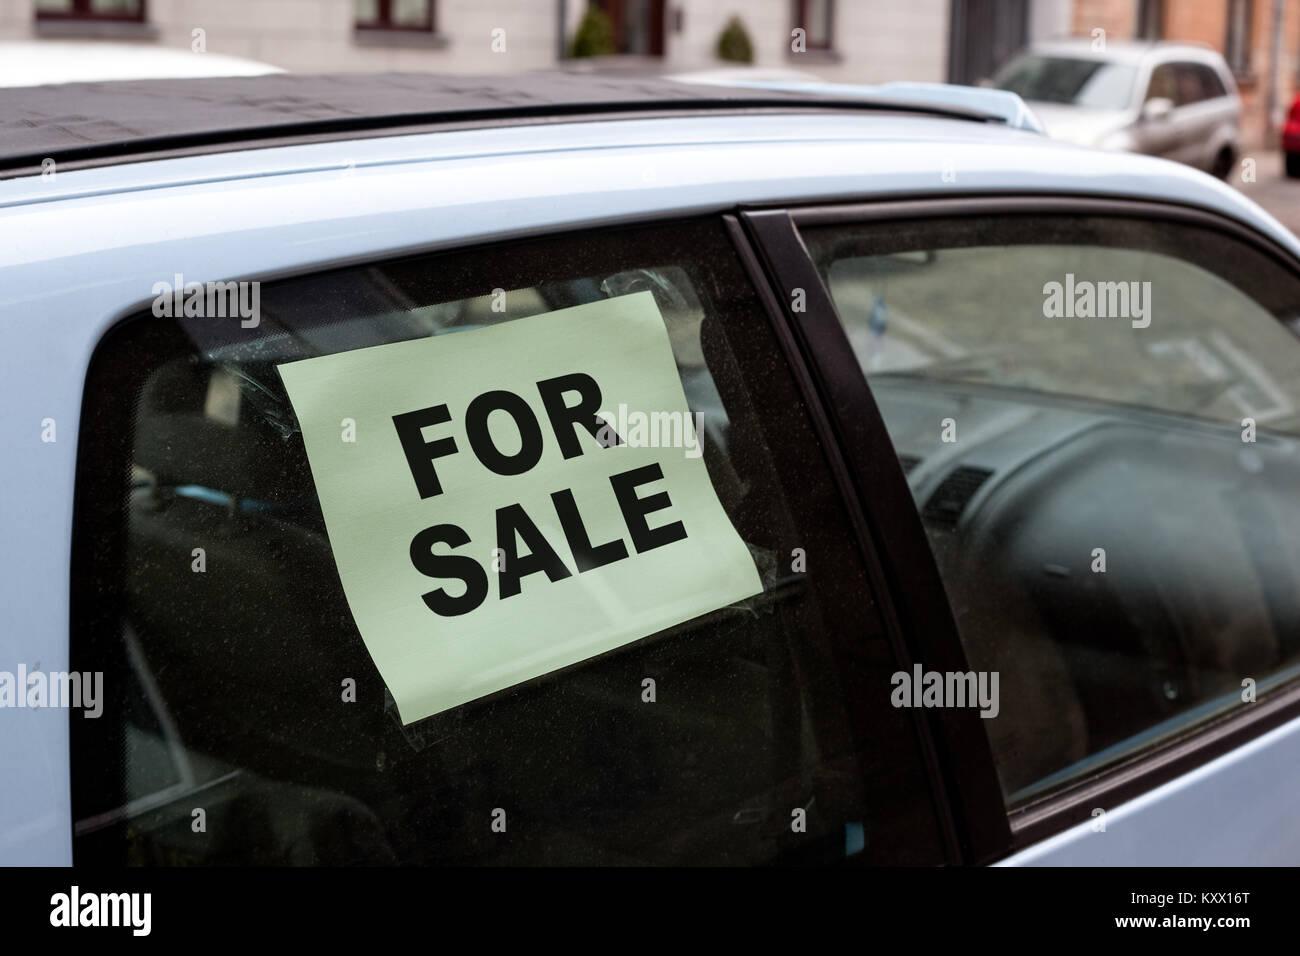 used car for sale stockfotos used car for sale bilder. Black Bedroom Furniture Sets. Home Design Ideas